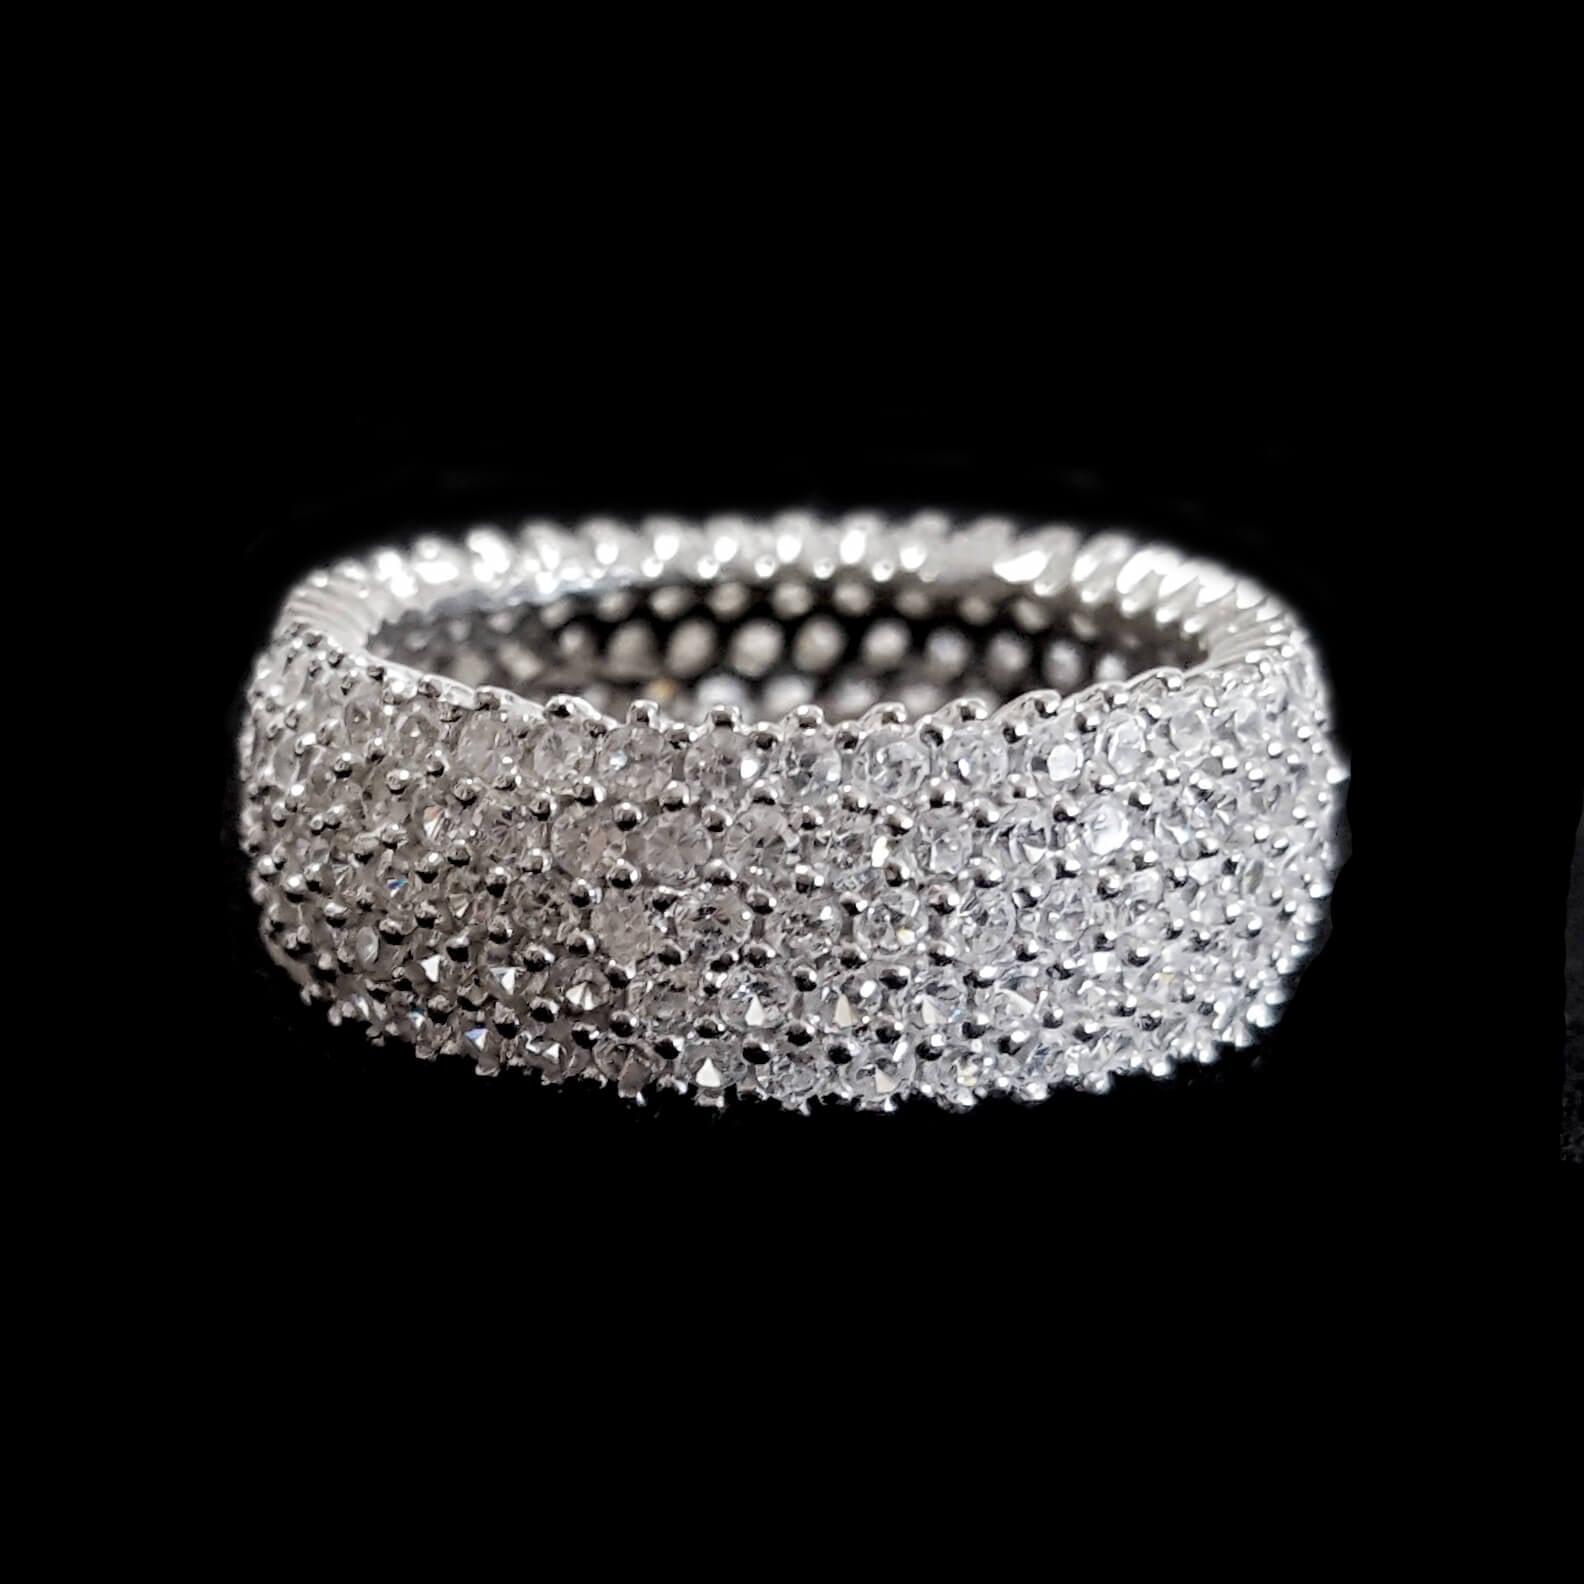 טבעת כסף רחבה משובצת זרקונים RG5602 | תכשיטי כסף 925 | טבעת כסף